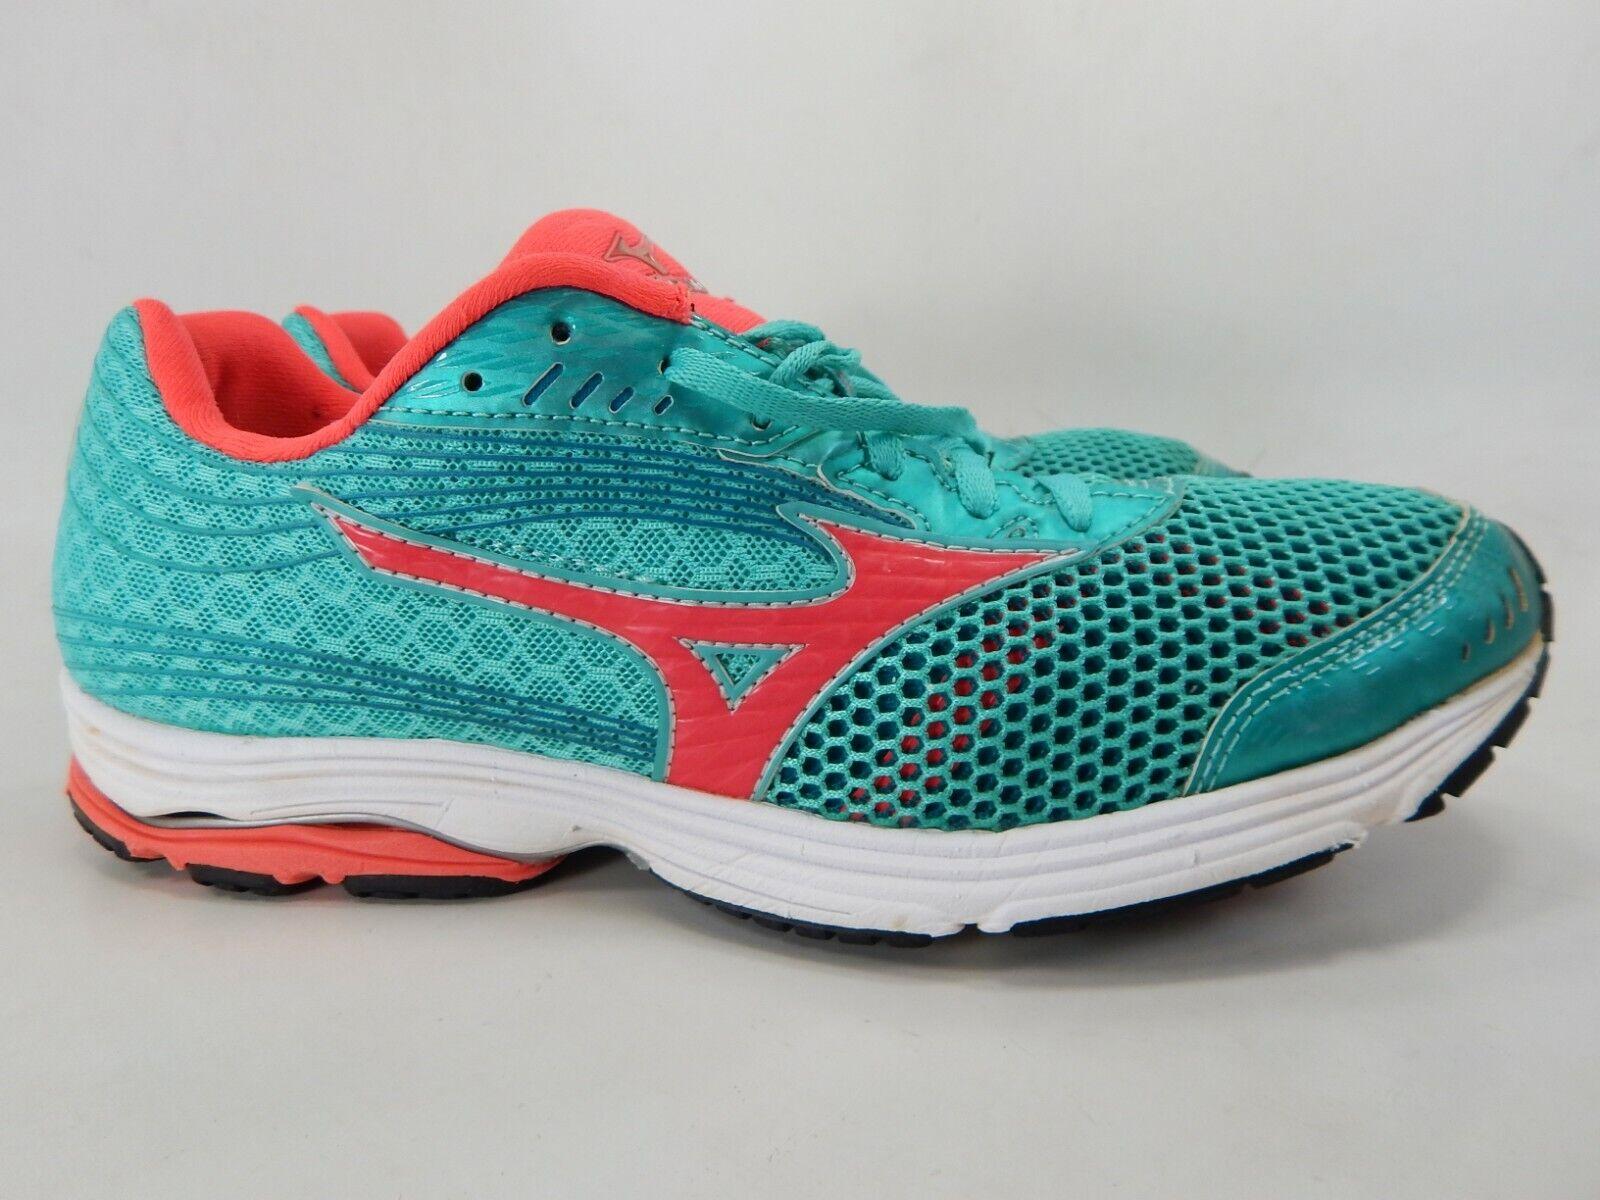 Wave Sayonara 3 Sz 10 M (B) EU 41 Womens Running shoes Malibu bluee 410681